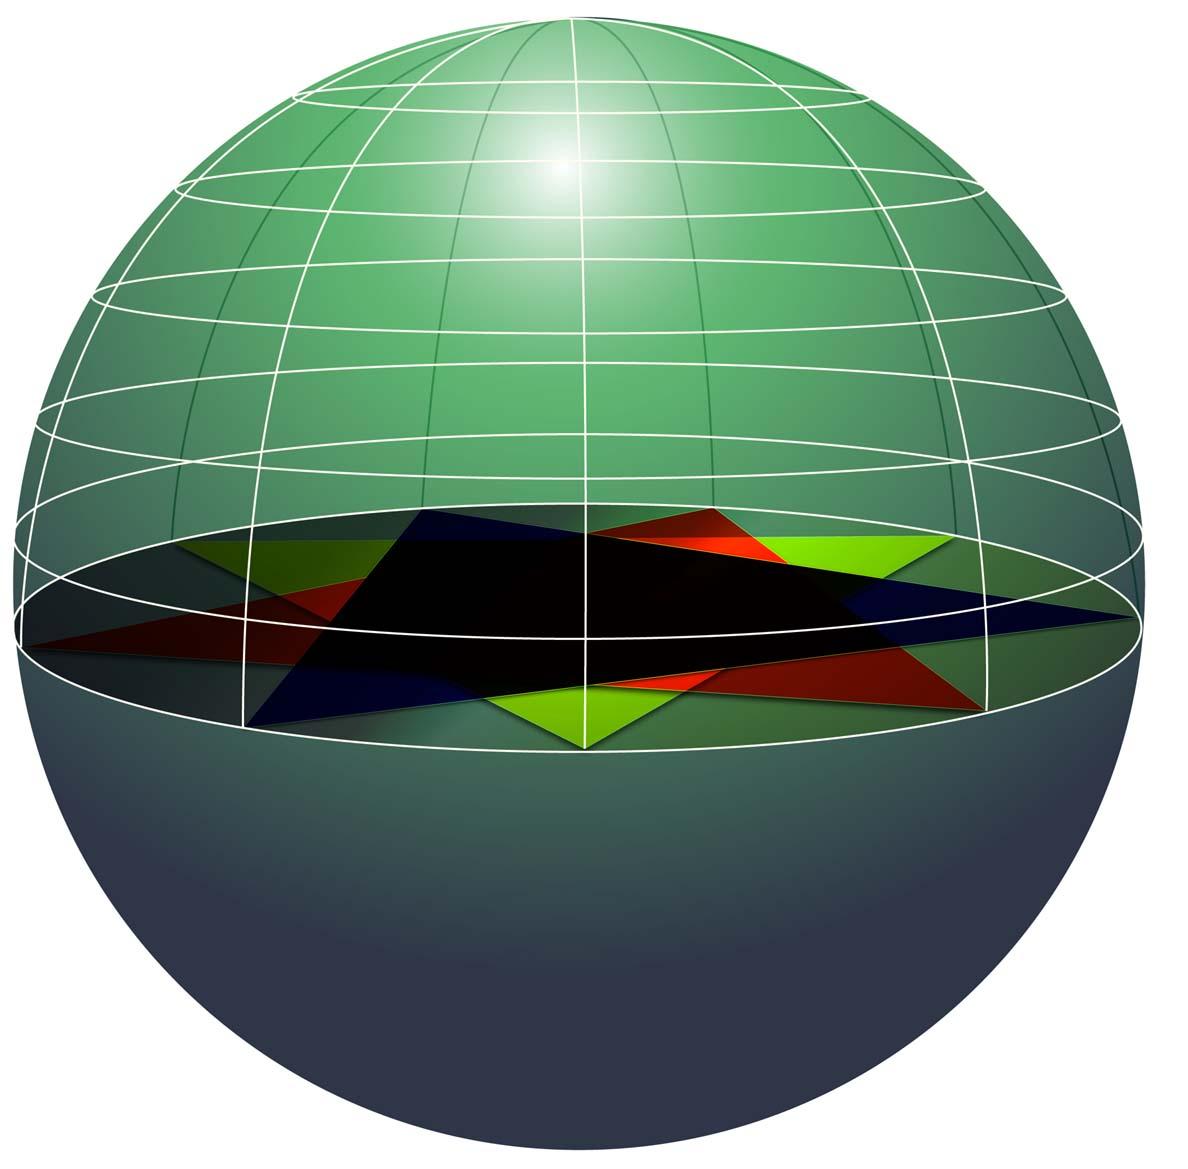 무제-1 사본.jpg